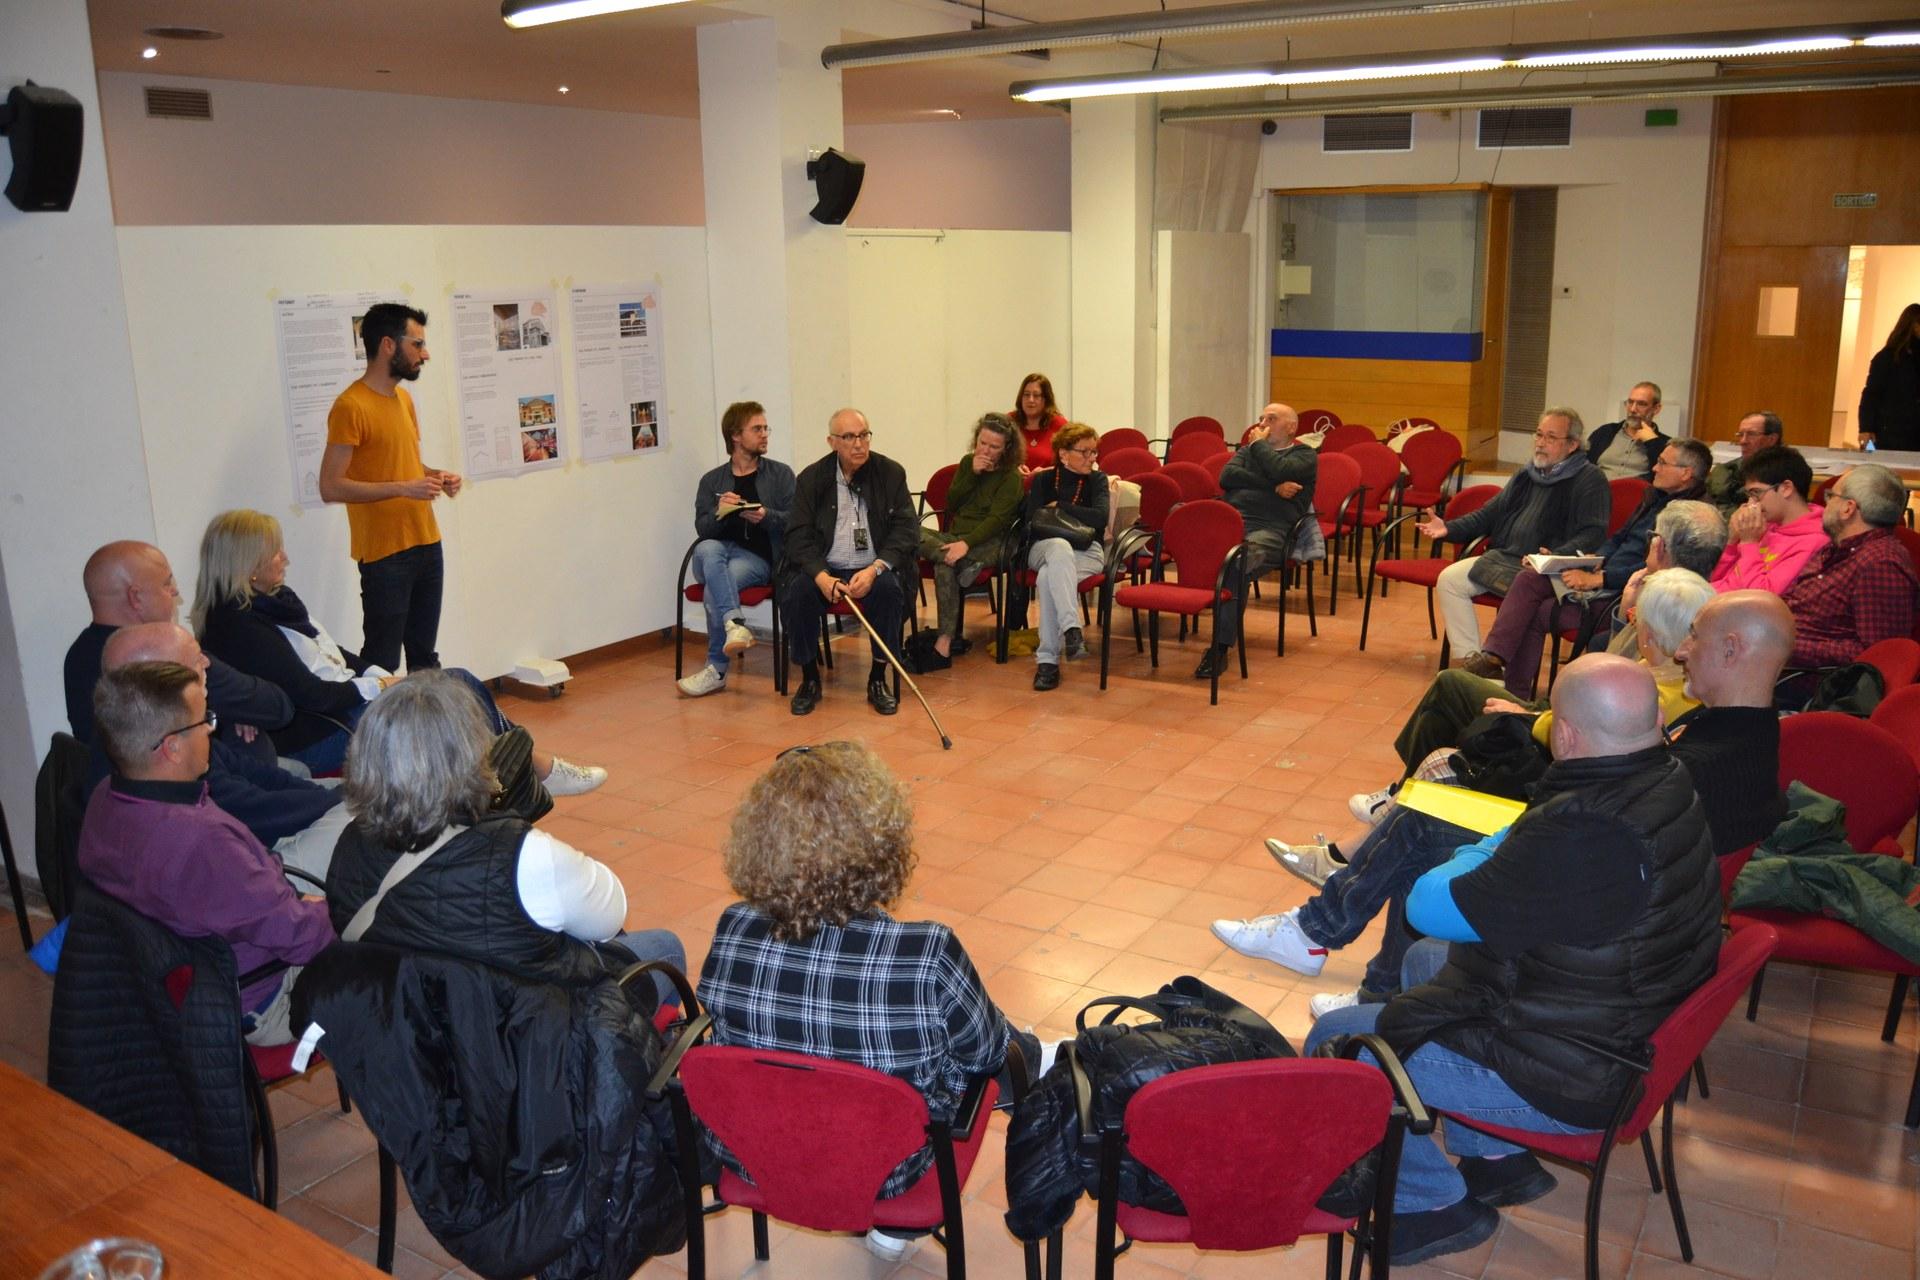 Debat general sobre els equipaments culturals celebrat el 28 de febrer passat